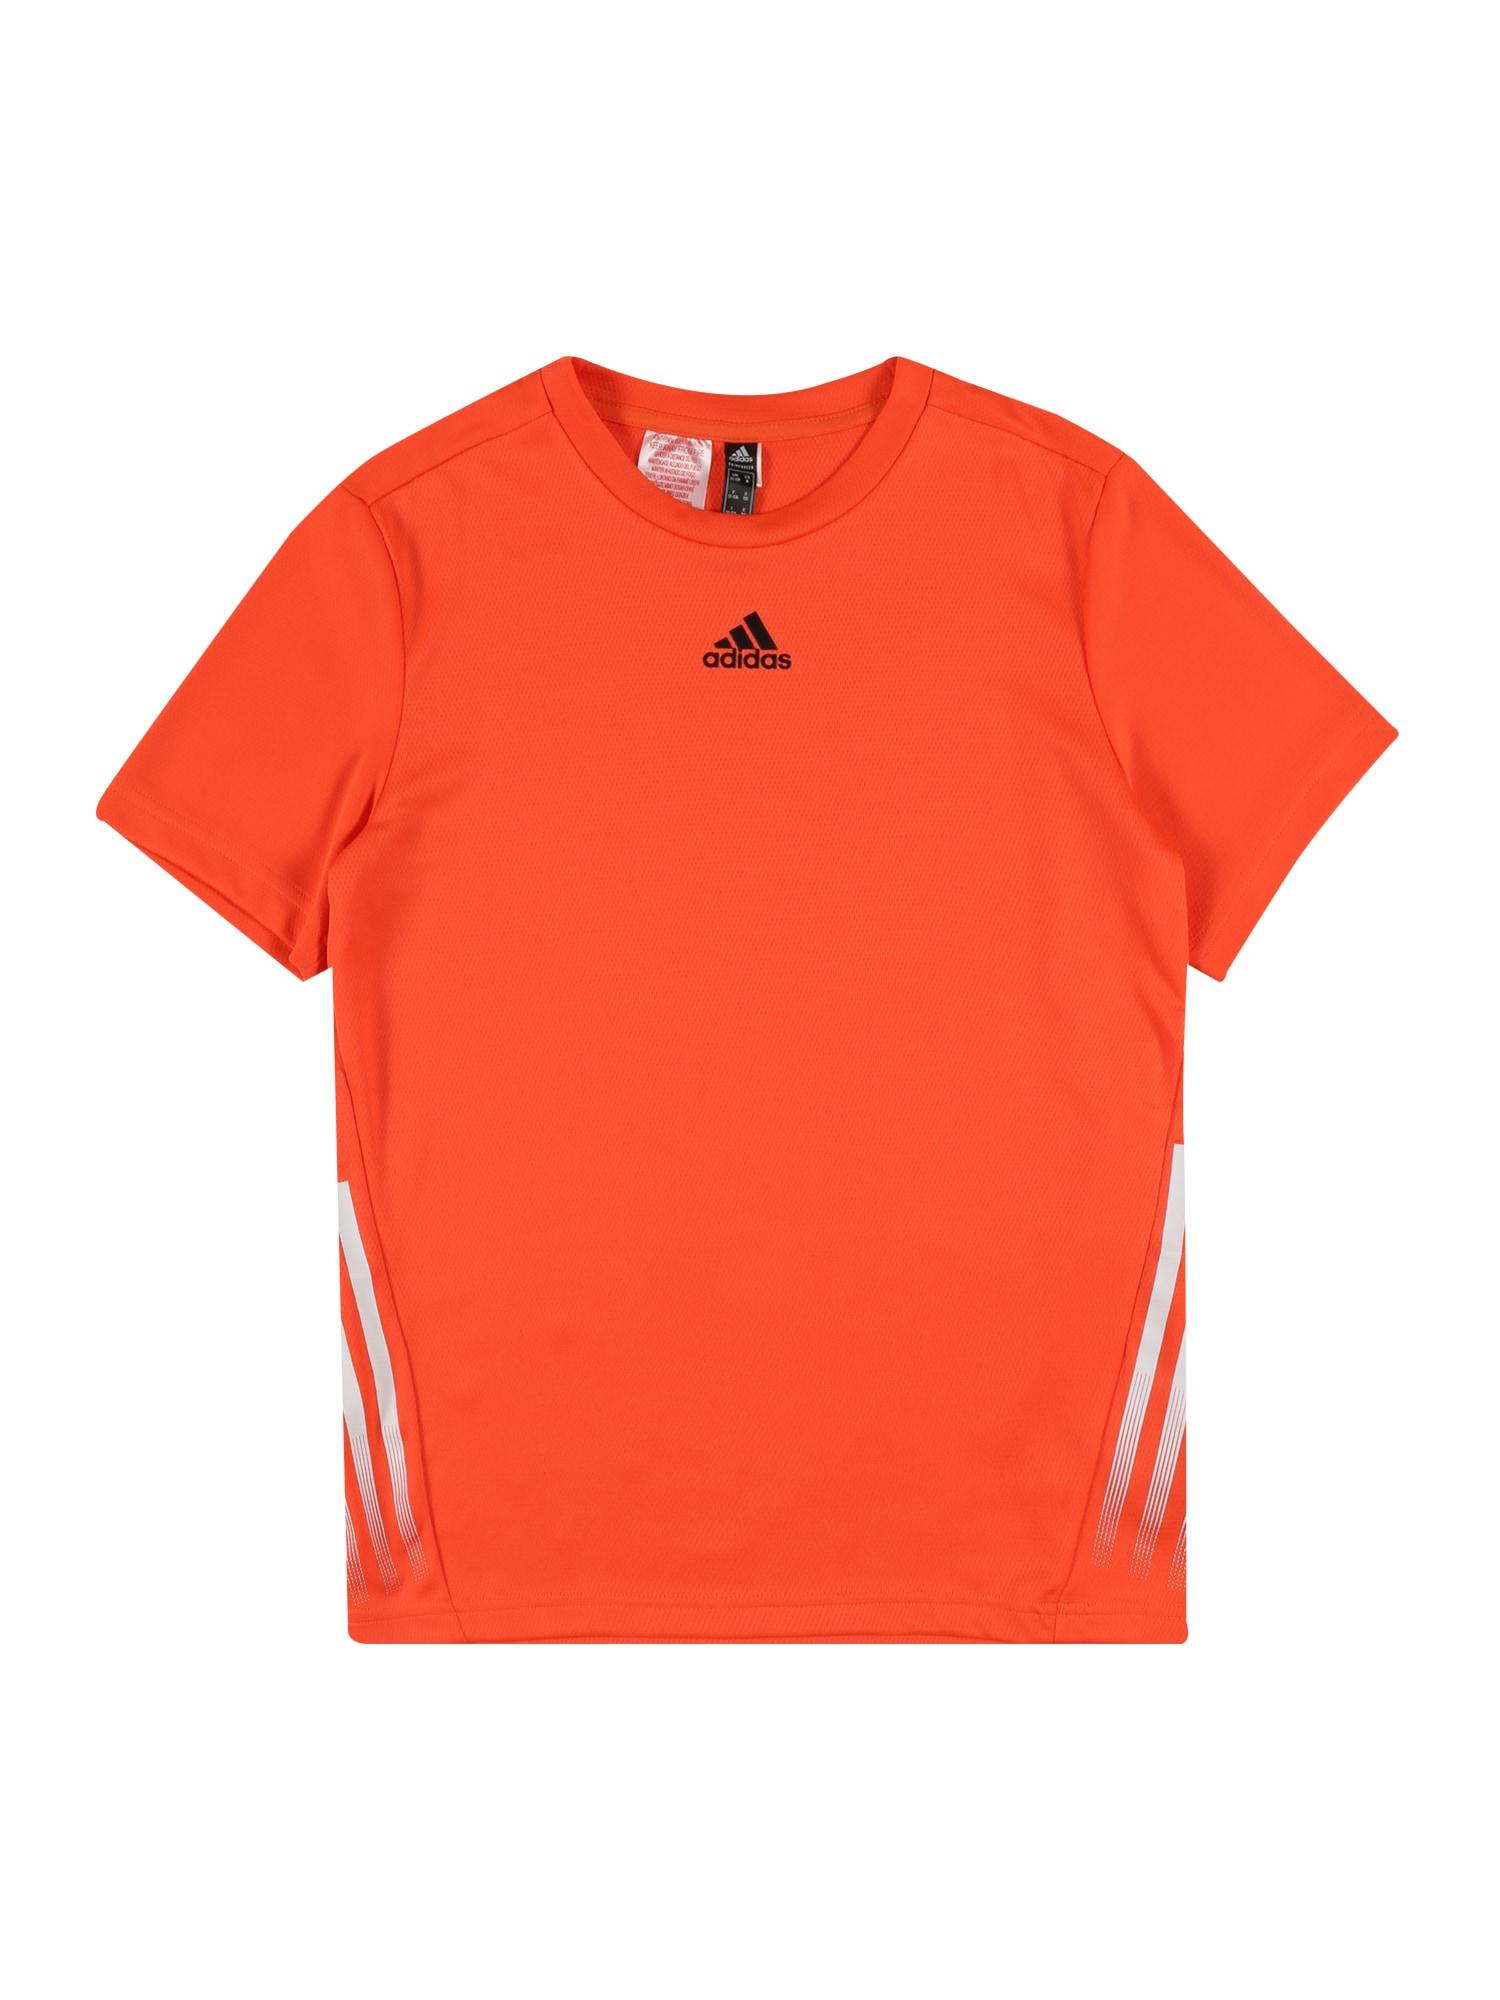 ADIDAS PERFORMANCE Sportiniai marškinėliai oranžinė / balta / juoda